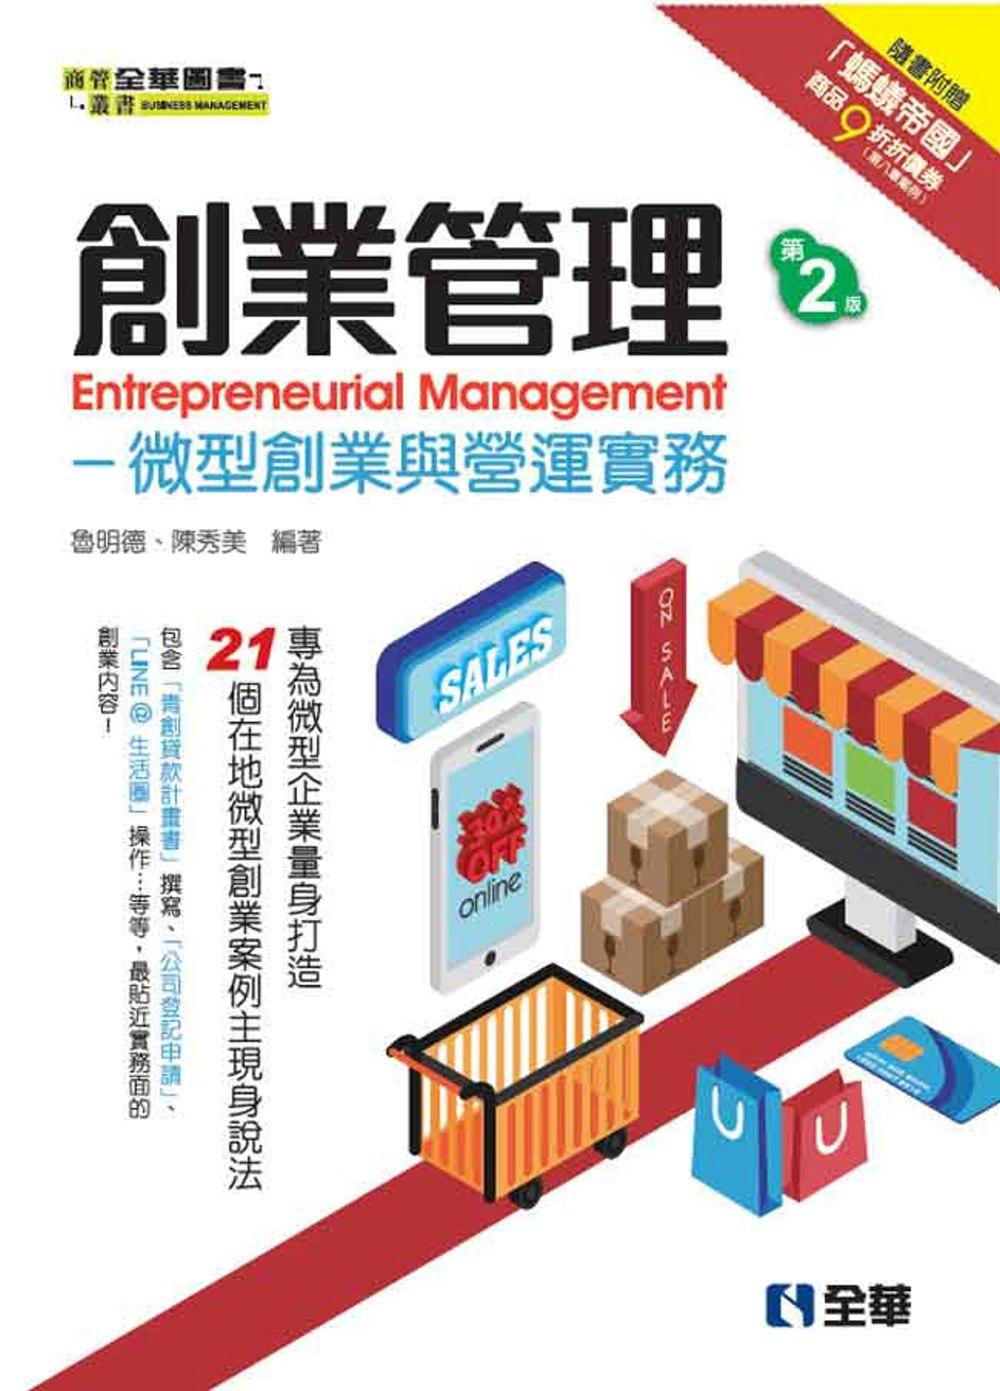 創業管理:微型創業與營運實務(第二版)